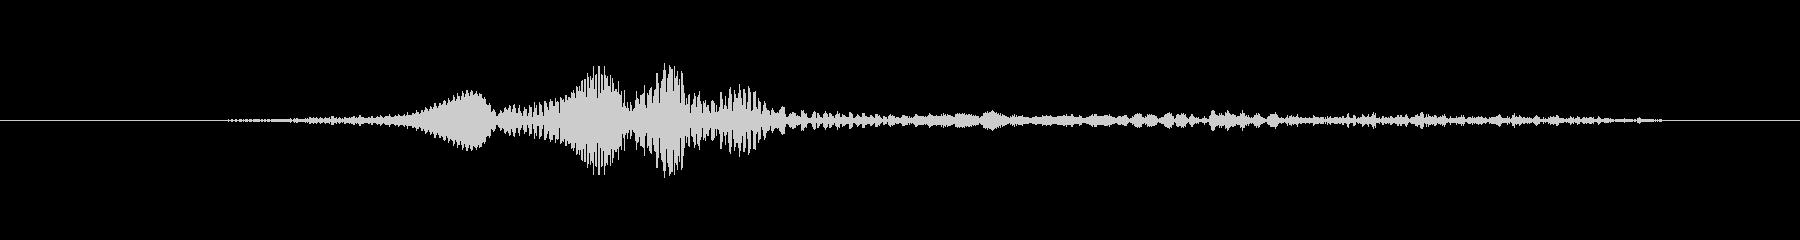 鳴き声 男性ファイトうめき声02の未再生の波形